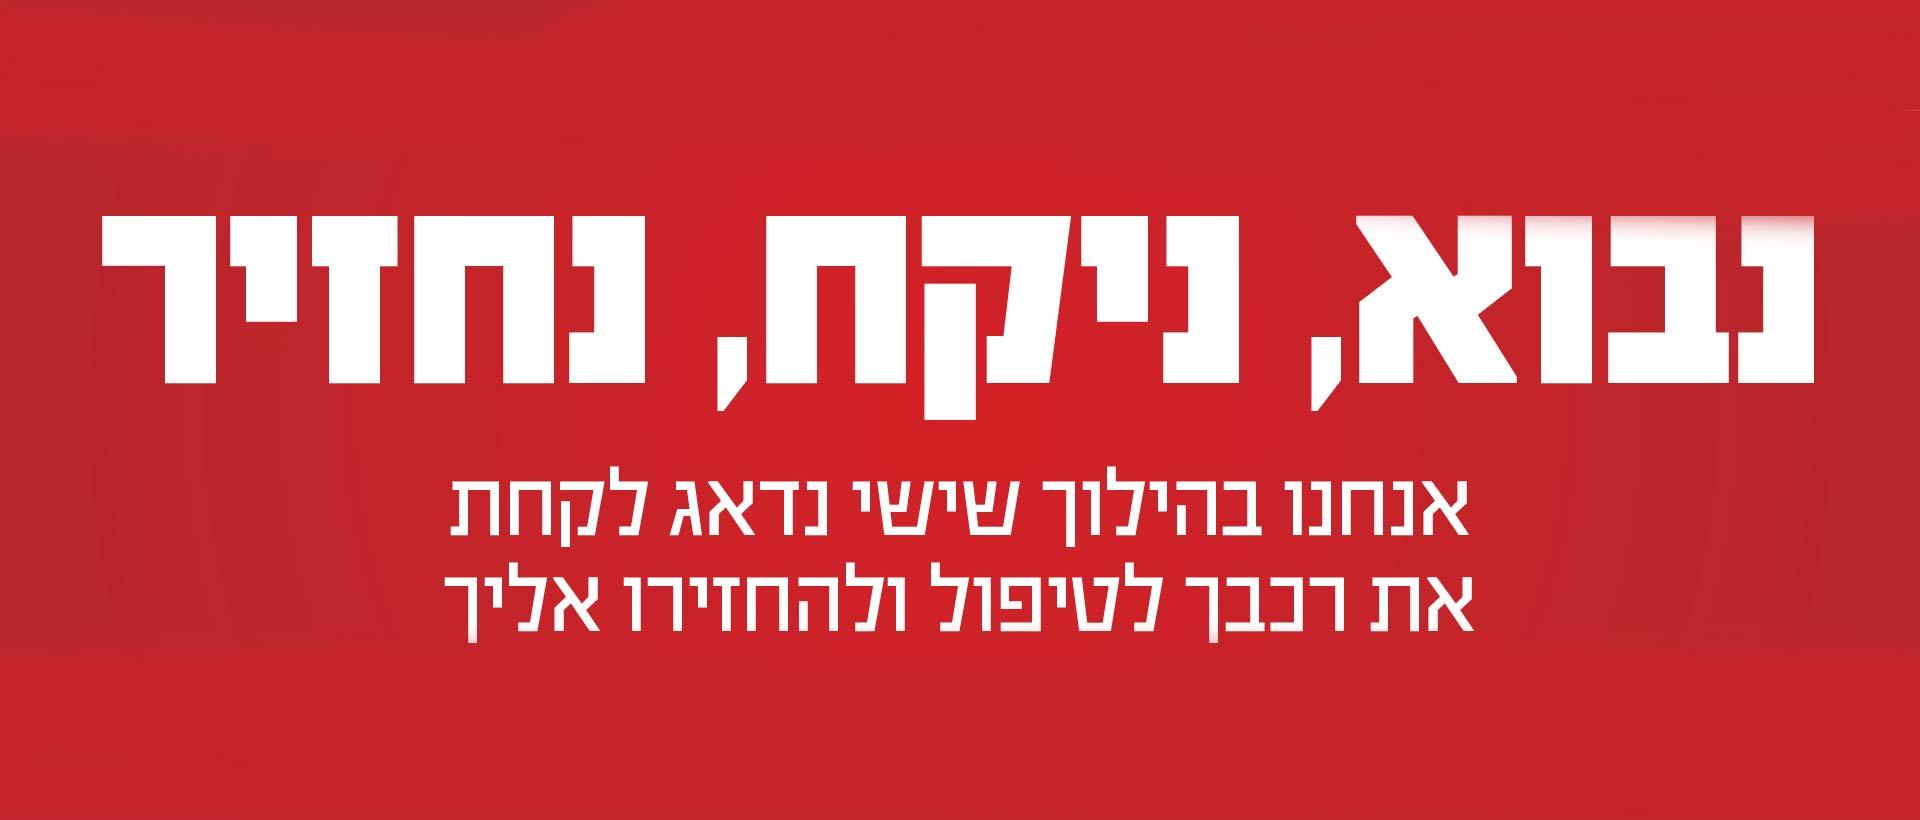 אולם תצוגה רנו, באנר, תל אביב